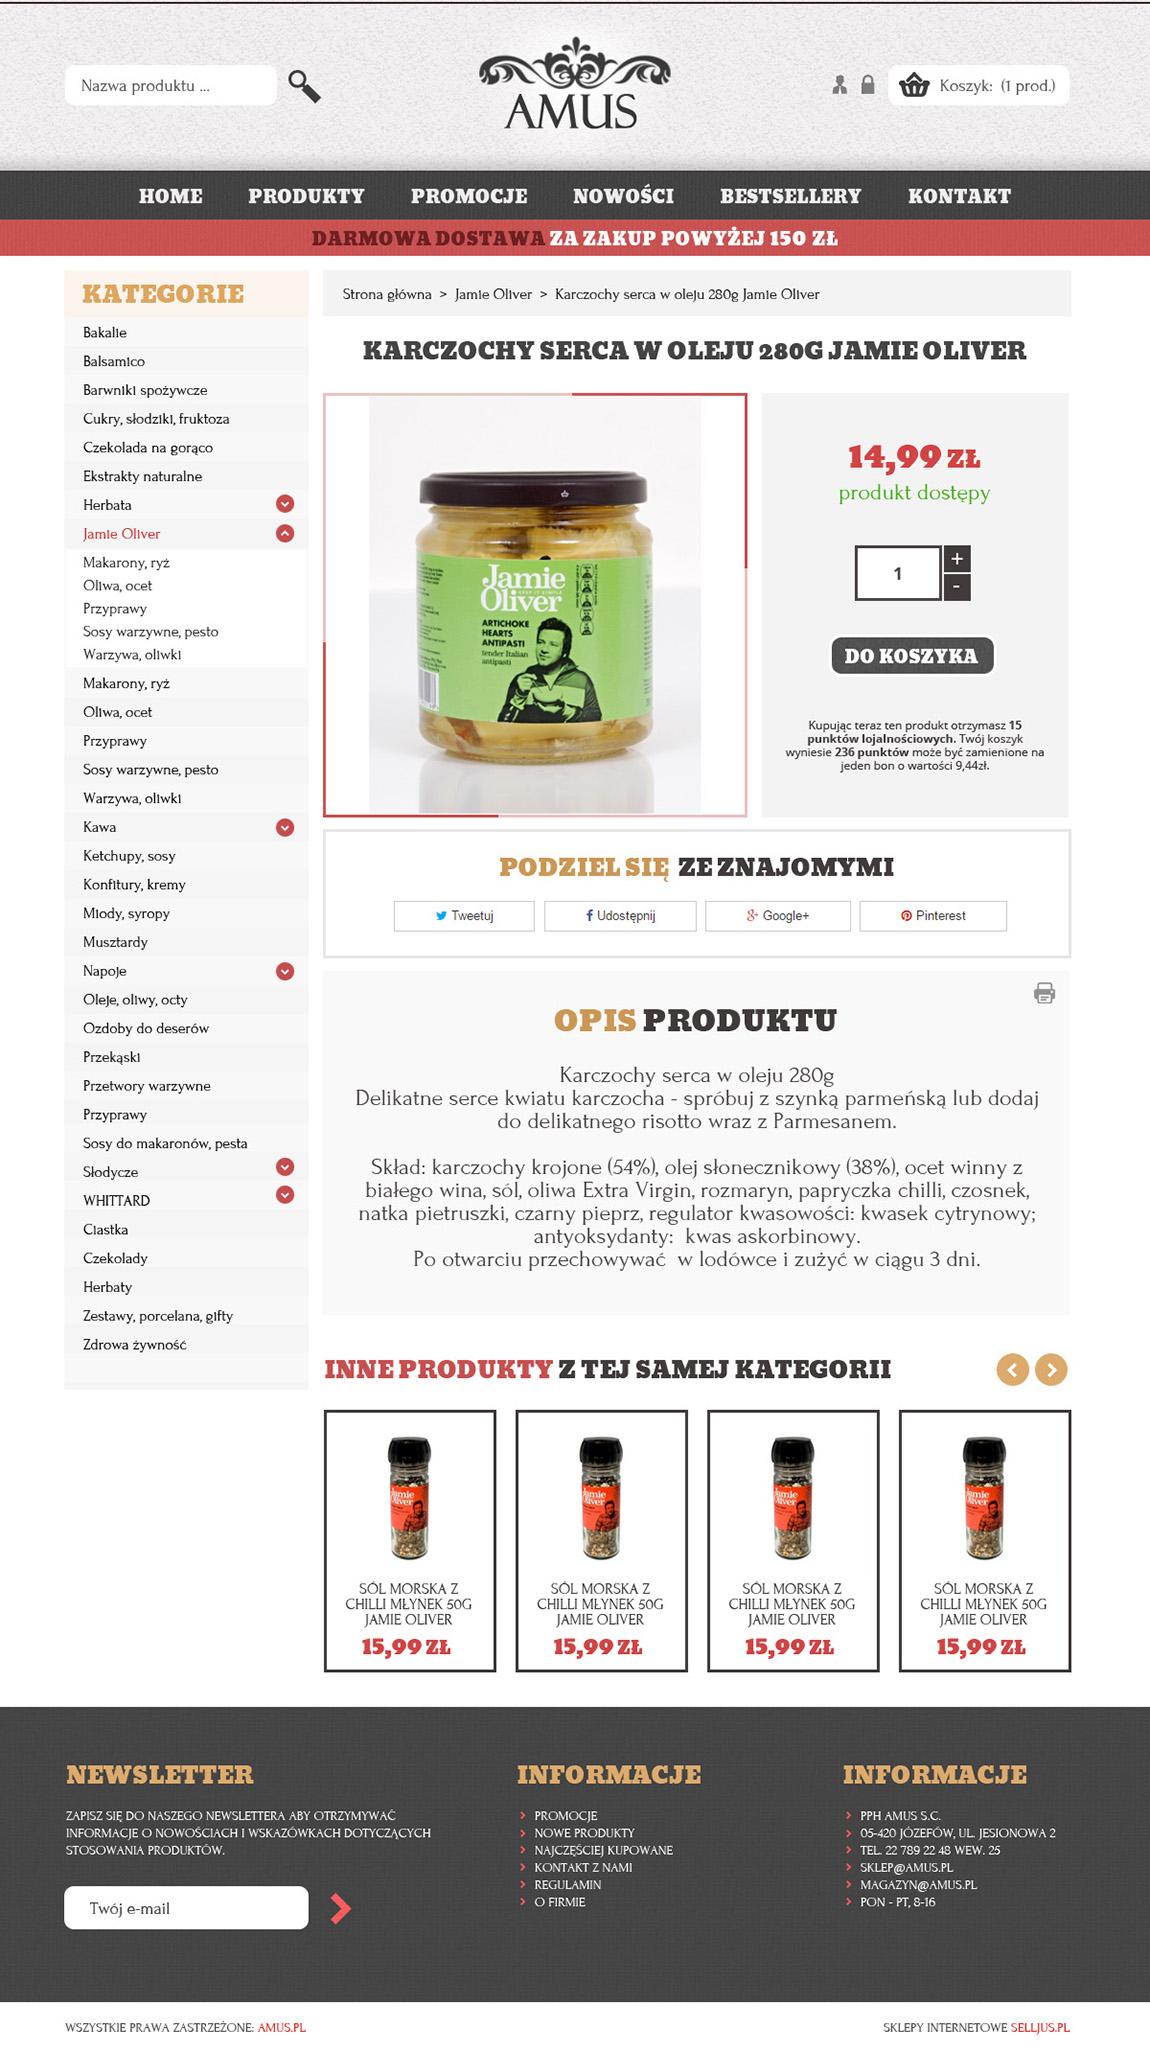 Prezentacja strony produktu sklepu Amus.